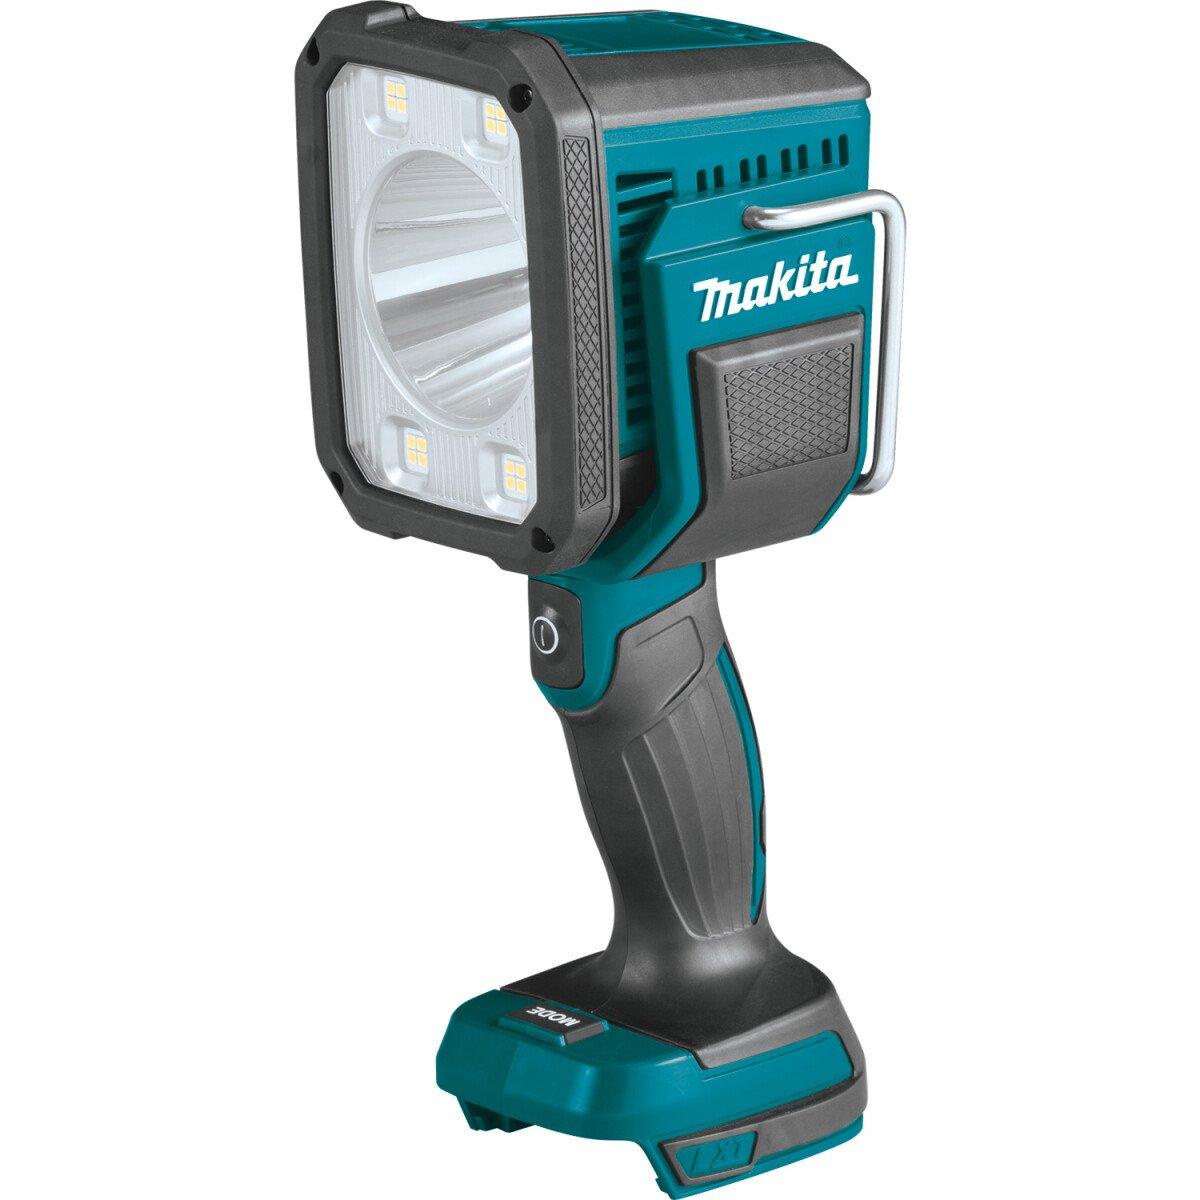 Makita DML812 Body Only 18v High Power Flashlight